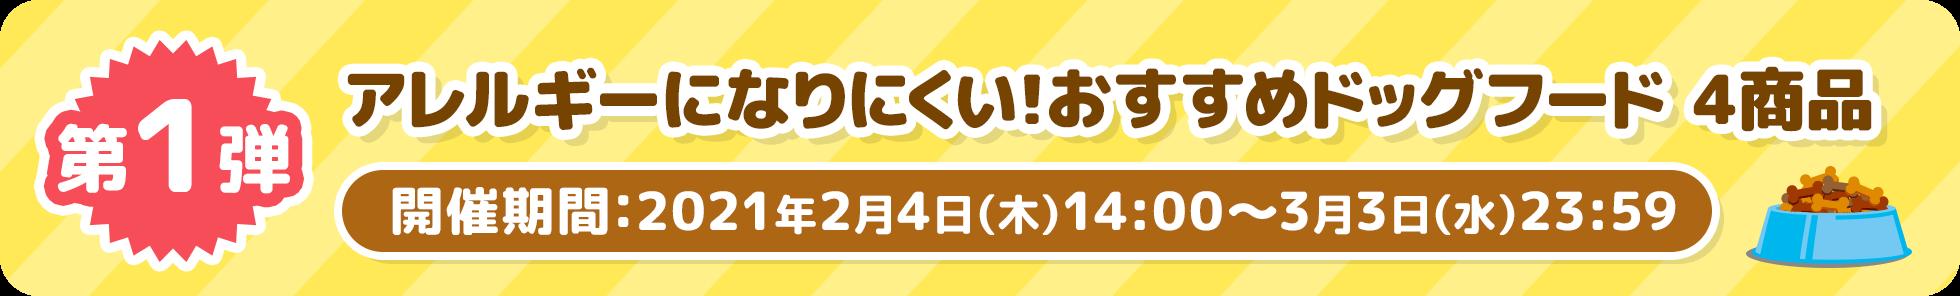 第1弾アレルギーになりにくい!おすすめドッグフード4商品 開催期間:2021年2⽉4⽇(⽊)14:00〜3⽉3⽇(⽔)23:59